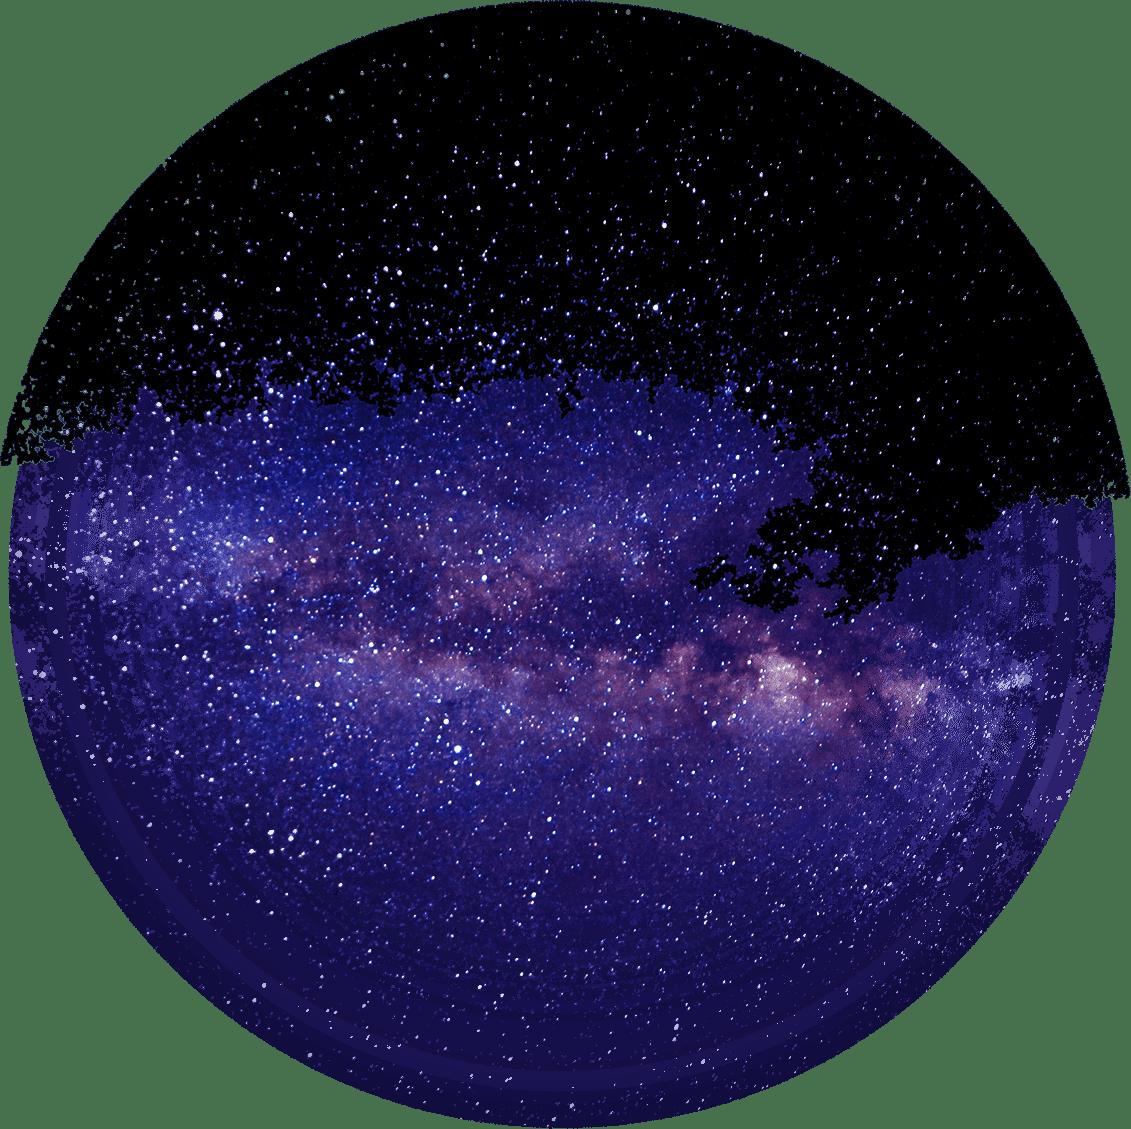 Estrellas fondo | Syloper